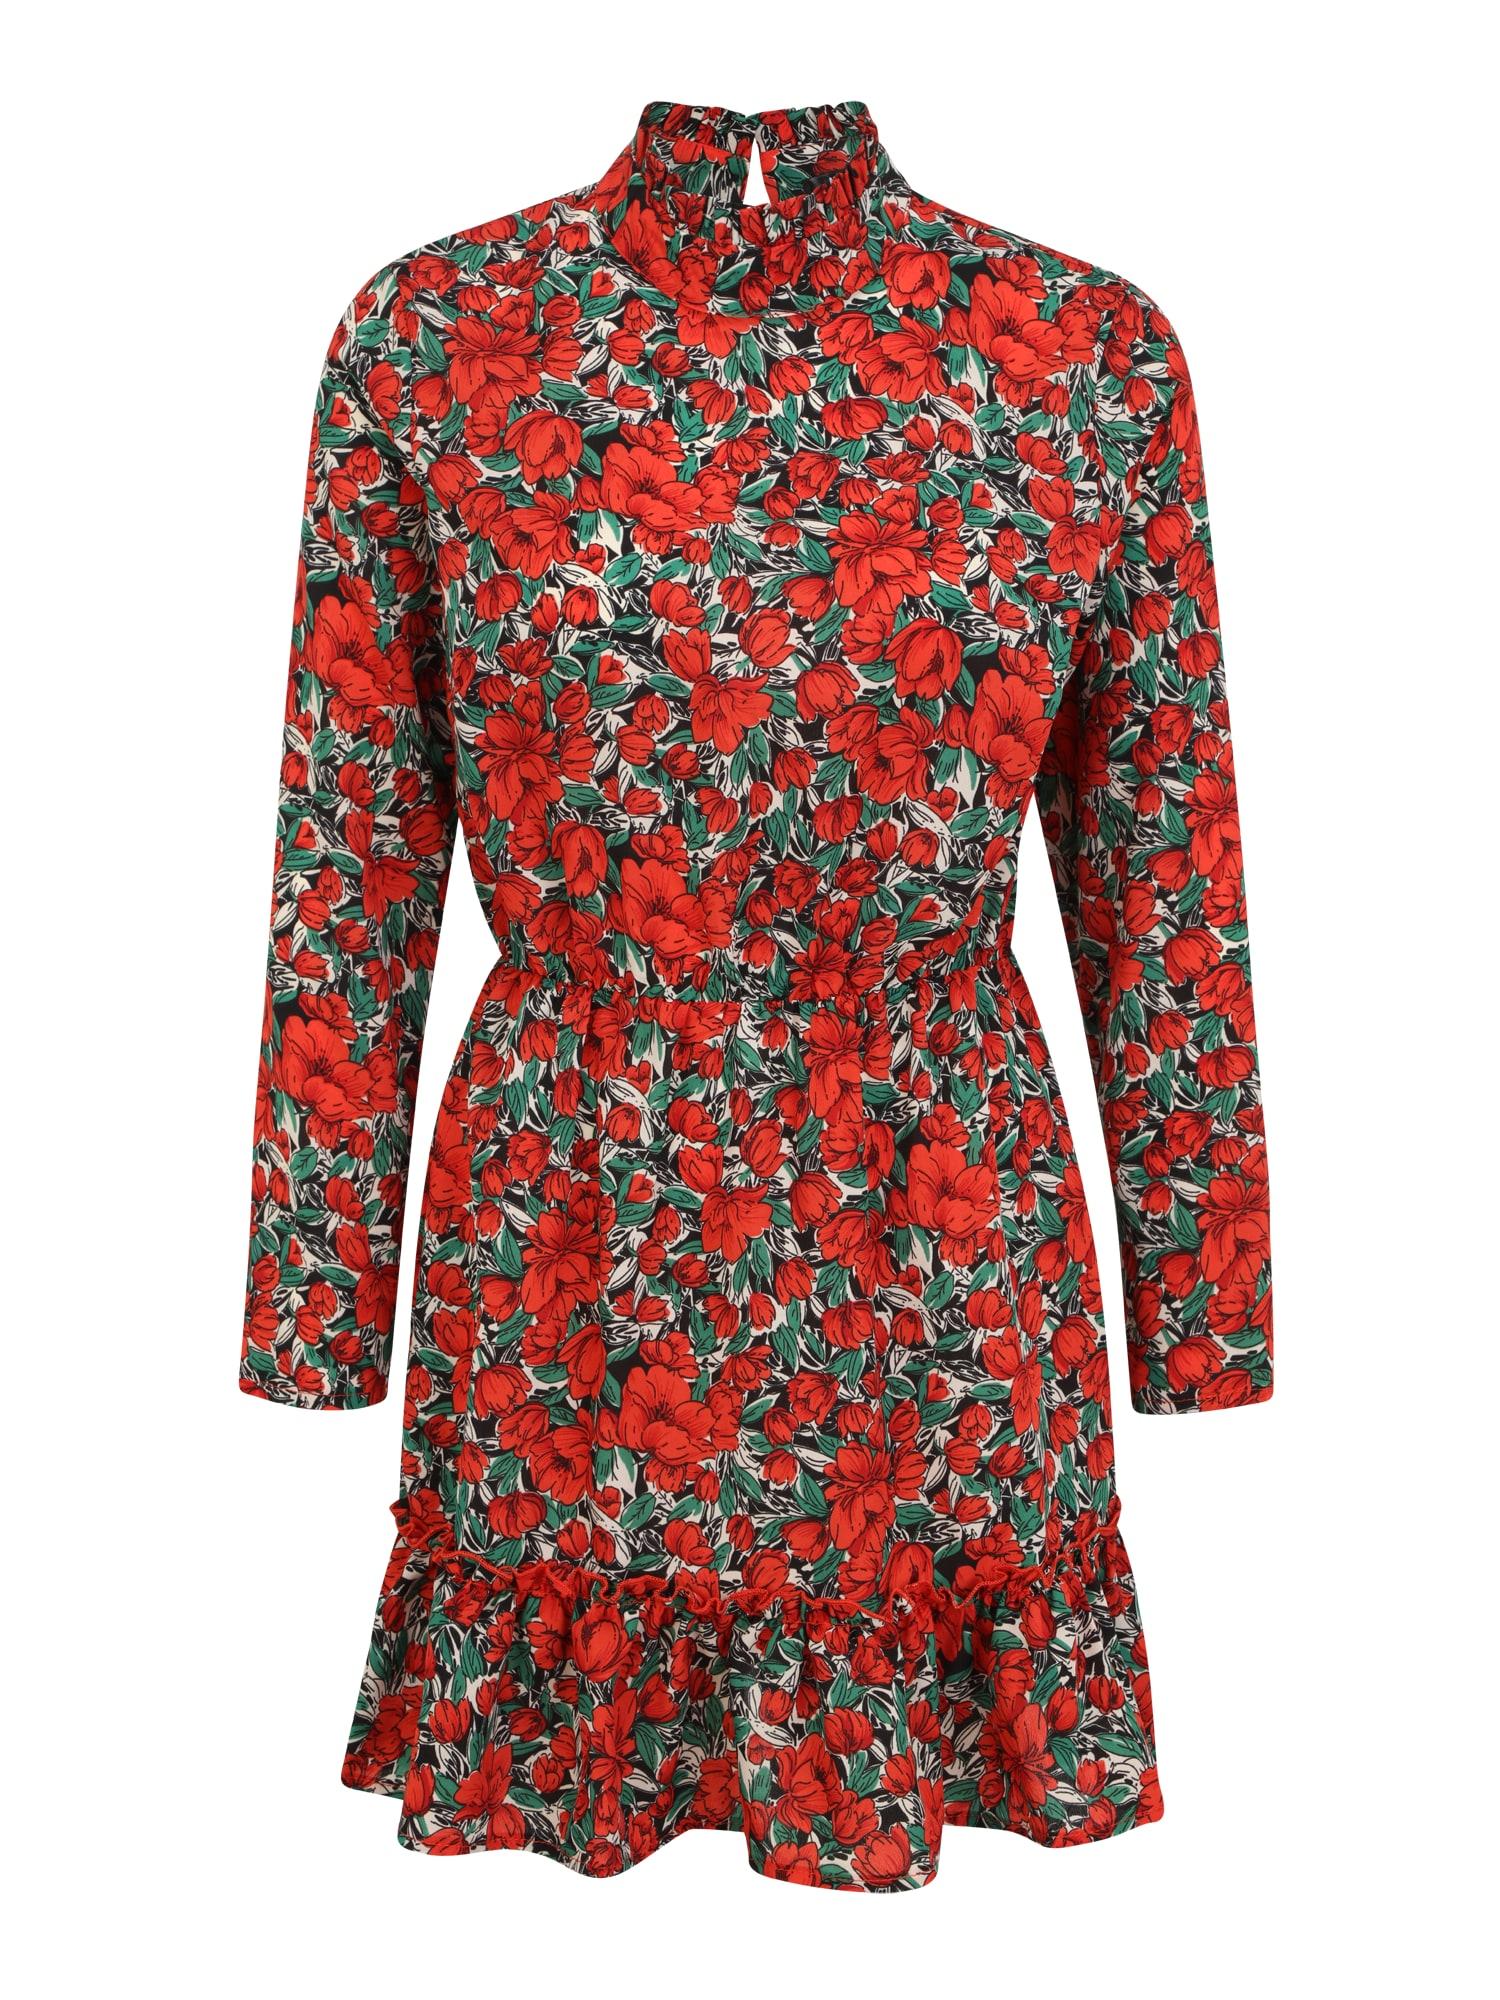 Missguided (Petite) Šaty  červená / černá / zelená / bílá